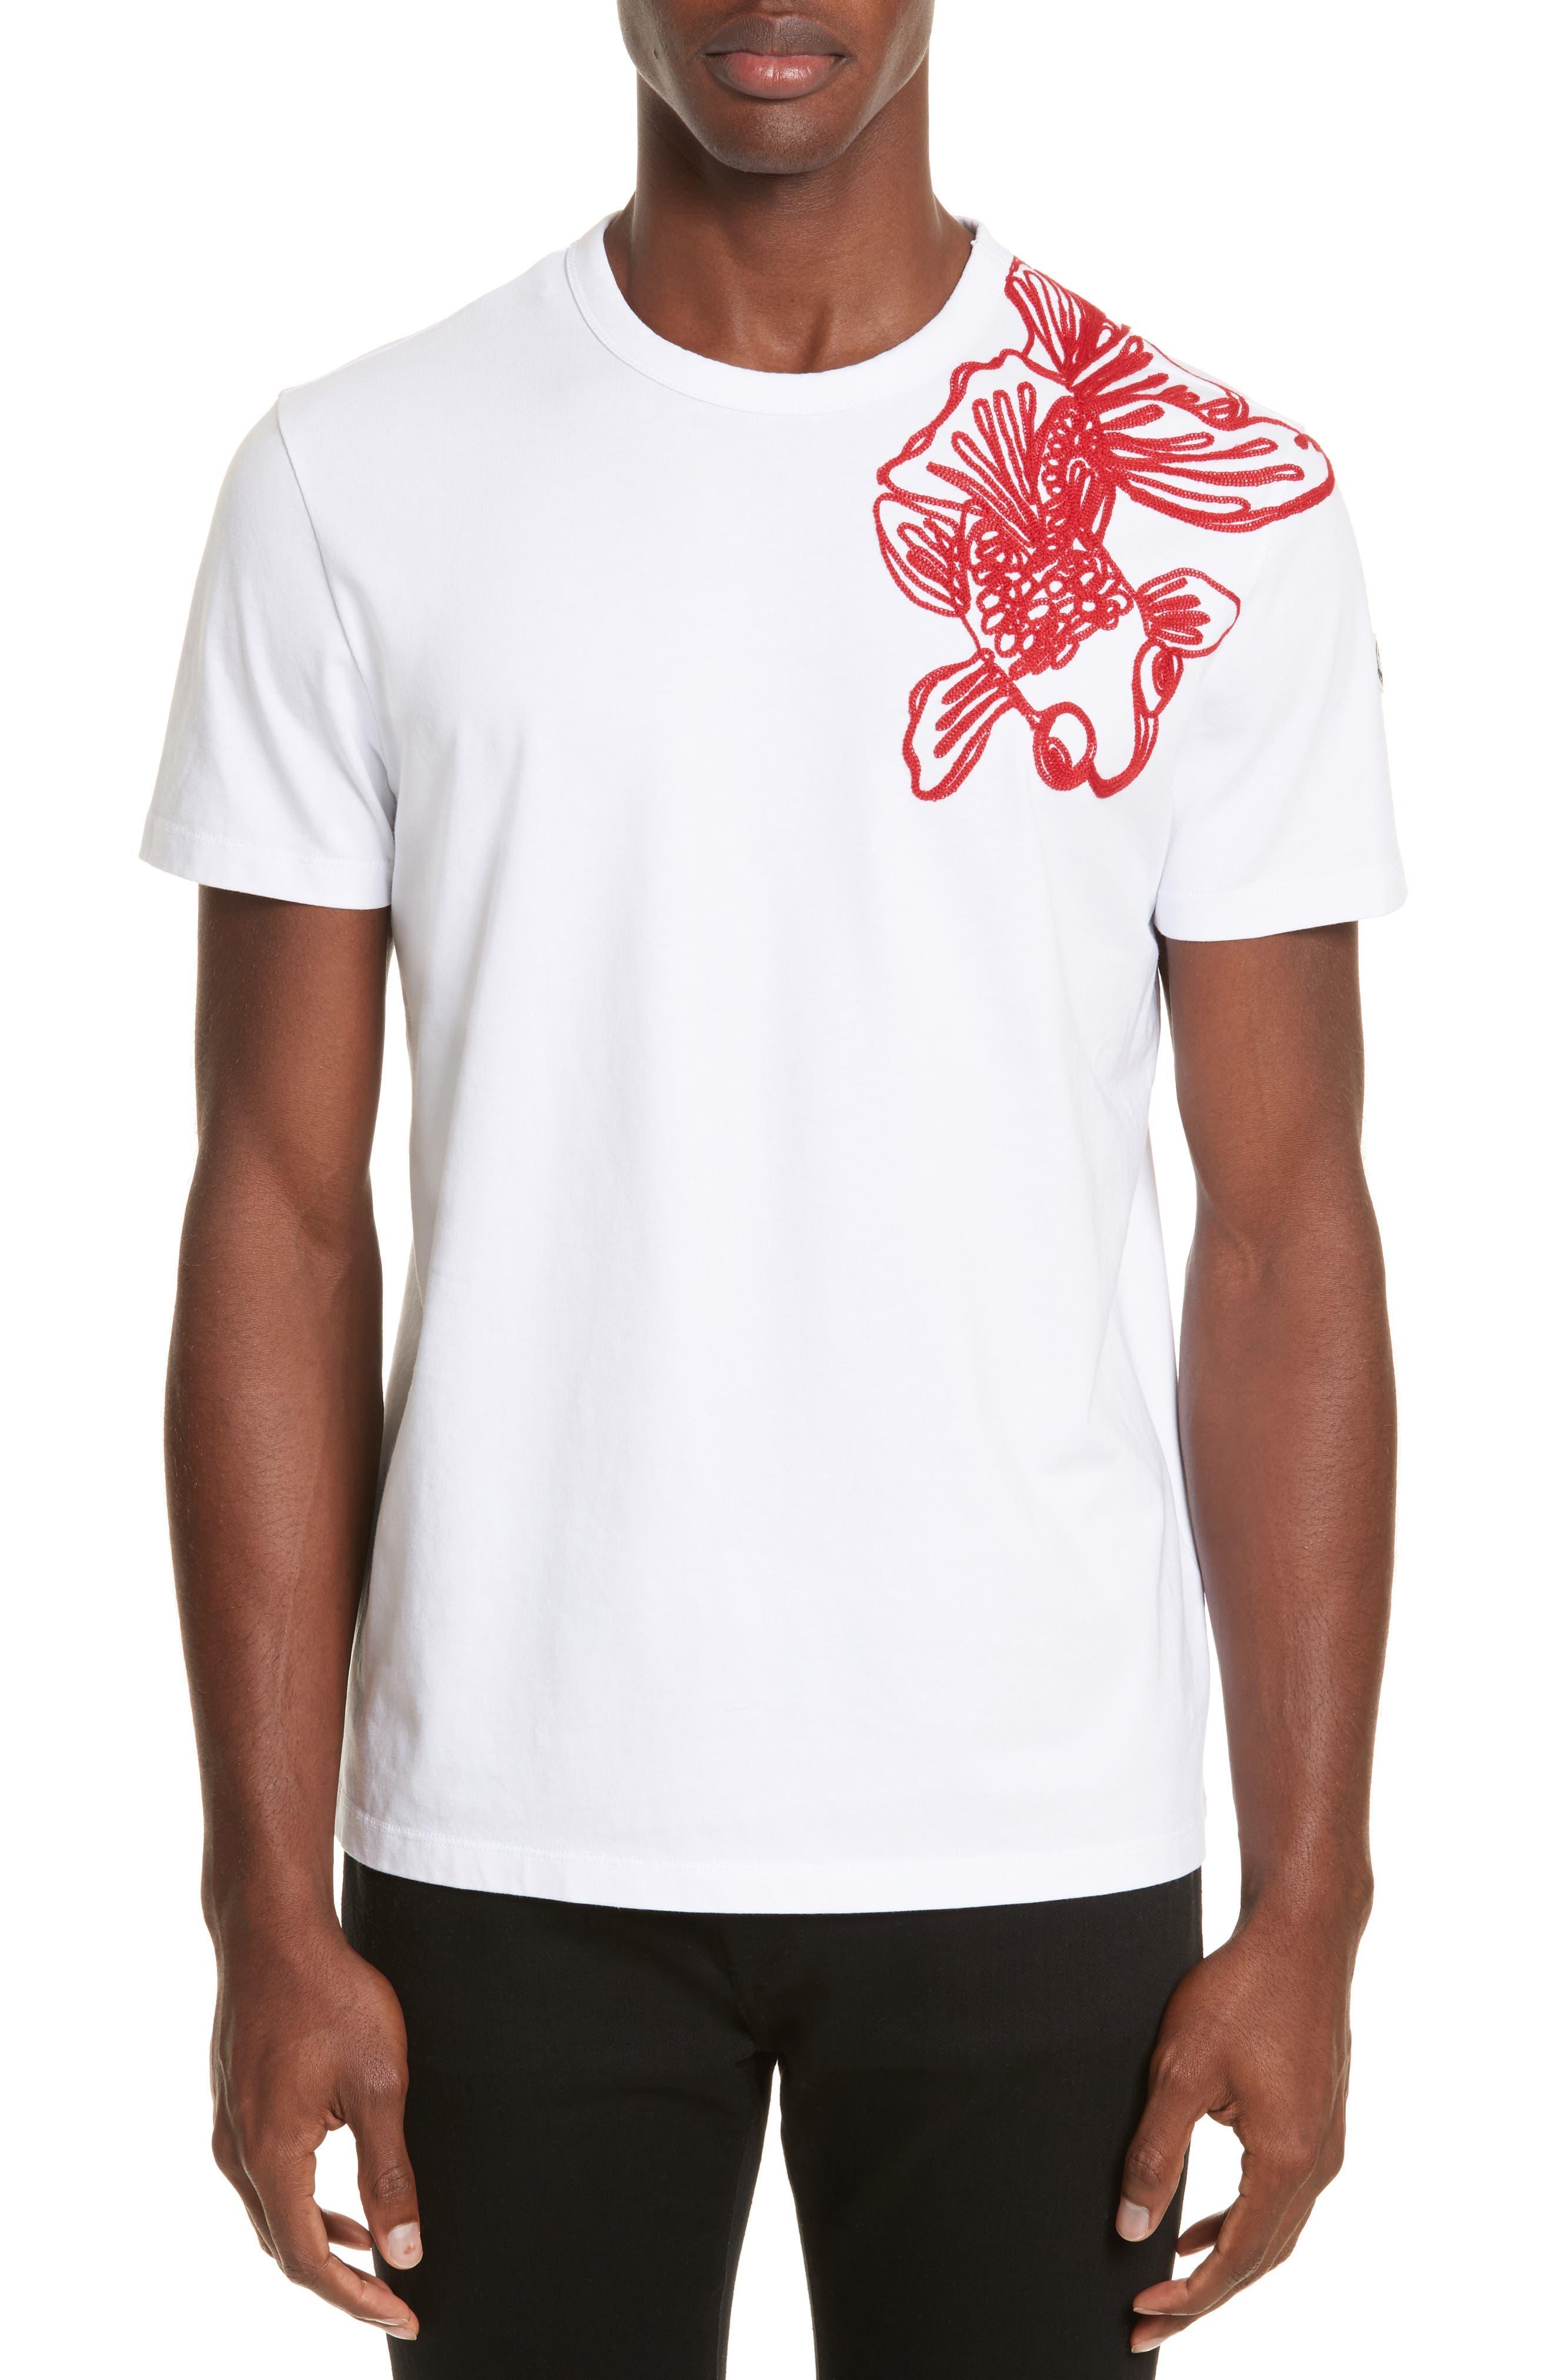 Embroidered Koi Fish T-Shirt,                             Main thumbnail 1, color,                             100